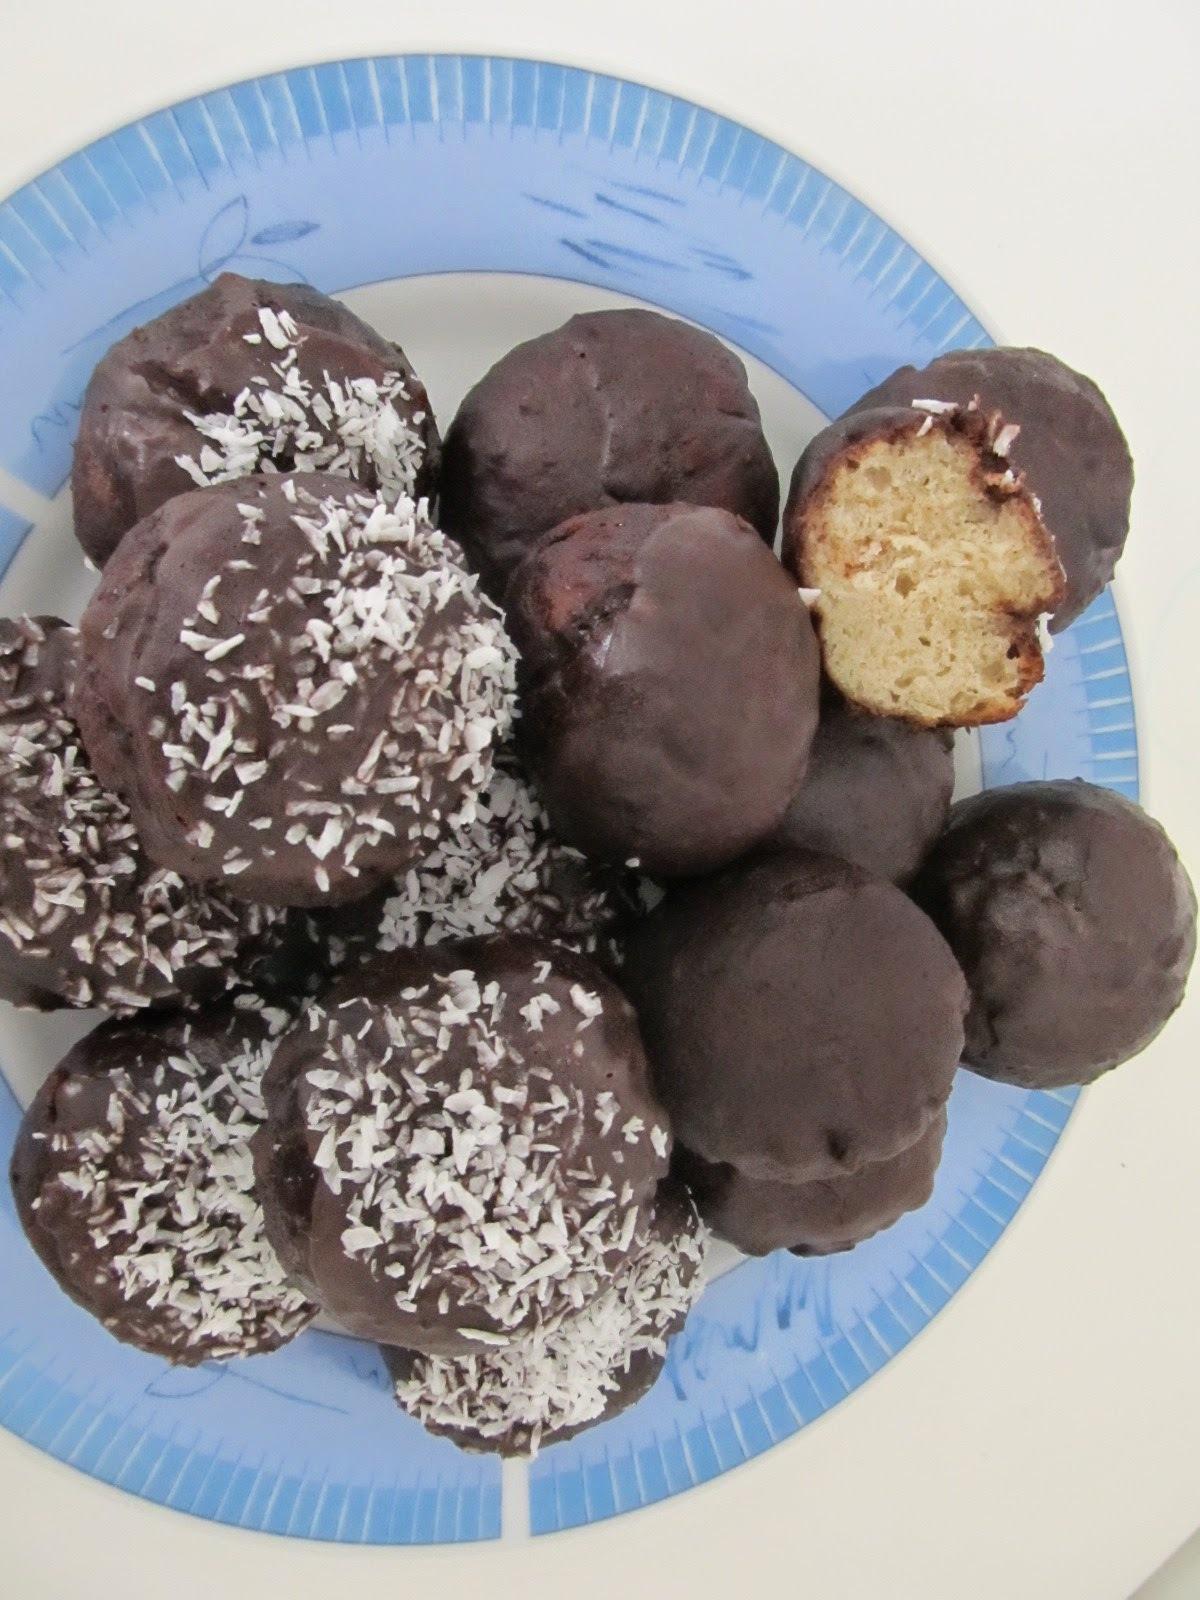 Csokis fánk glutén-, tej- és tojásmentesen (fruktóz malabszorpcióban ehető)